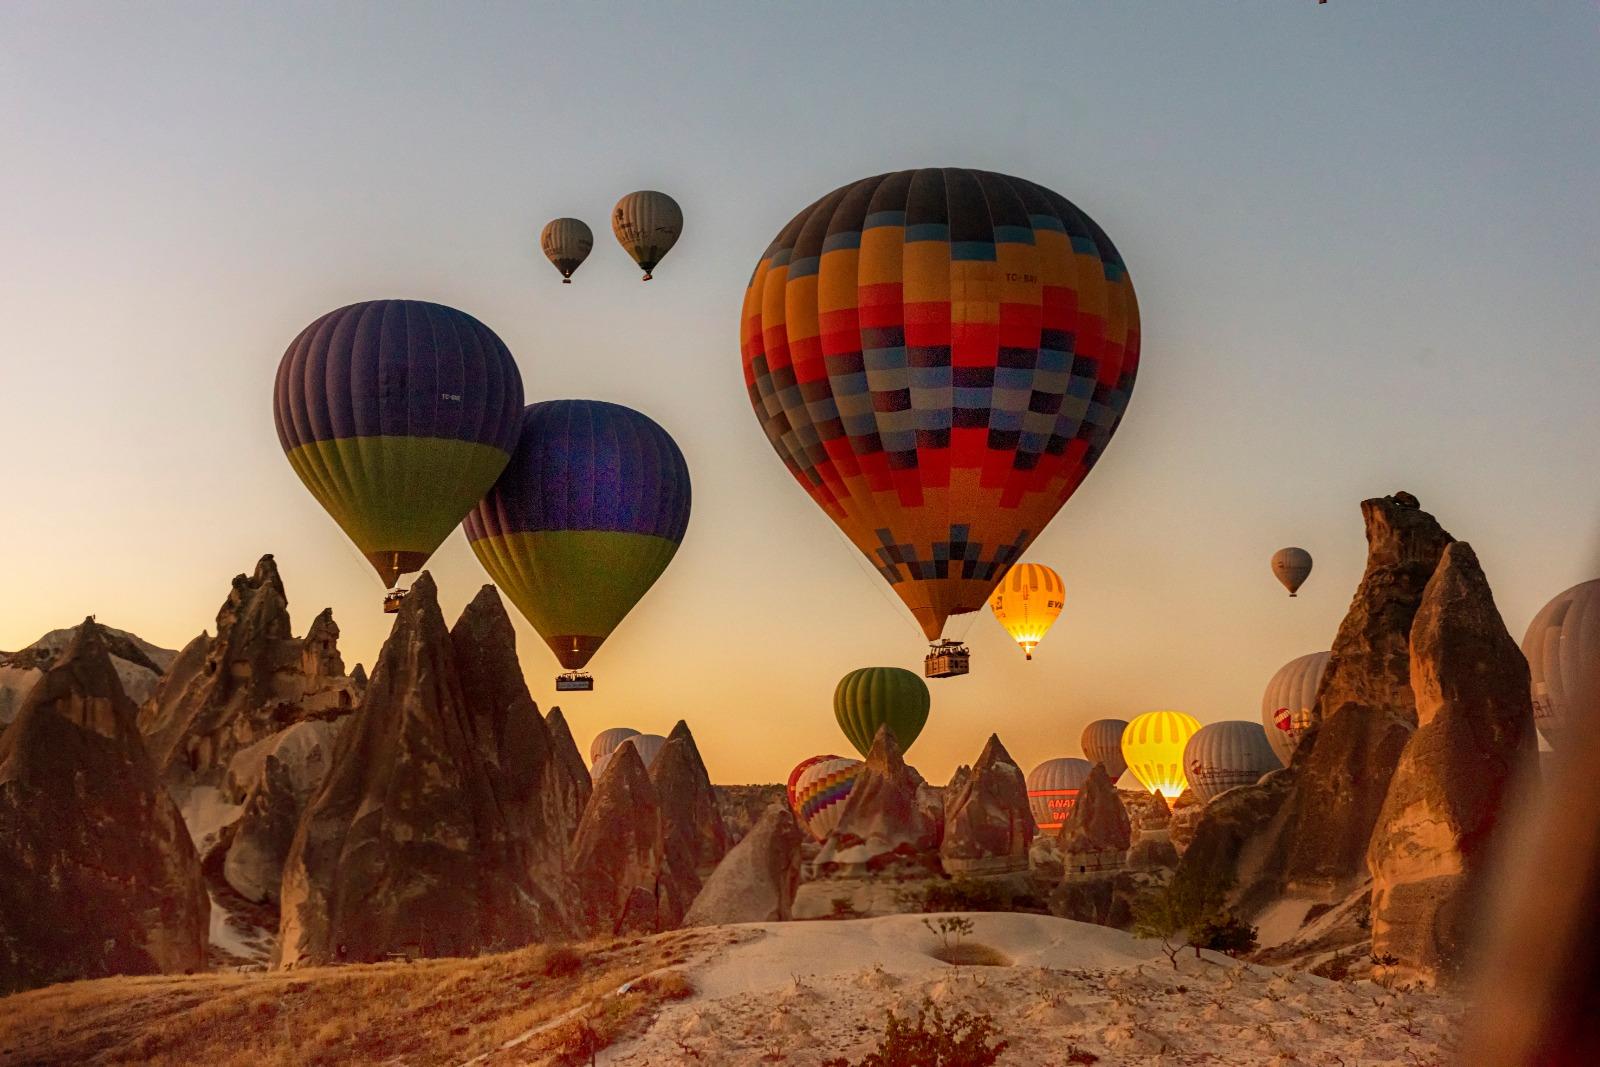 Kapadokya masalı her mevsim Argos in Cappadocia'da yaşanıyor